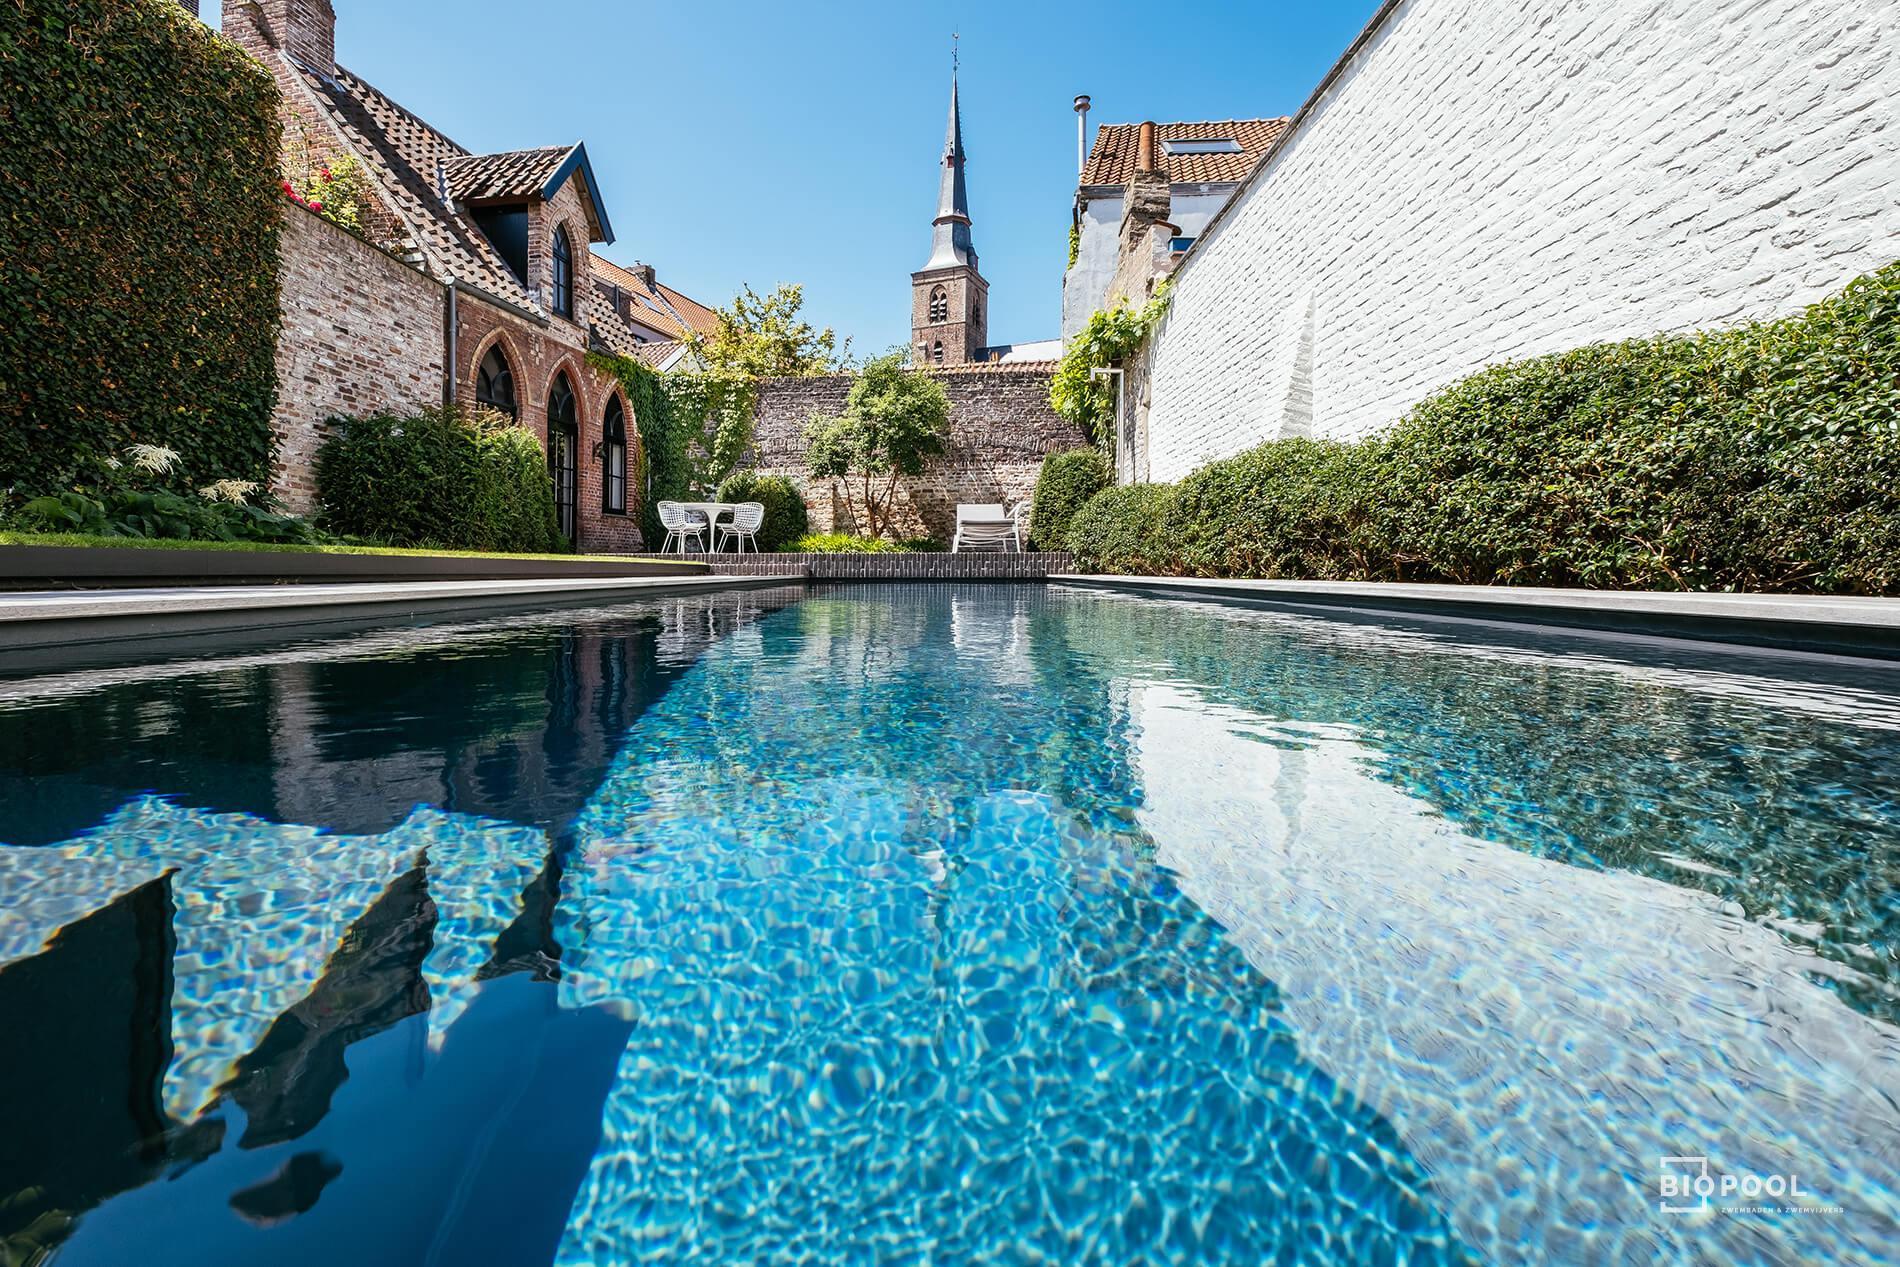 Afbeelding project PPC hoogwaterlijn zwembad minden in stad Brugge